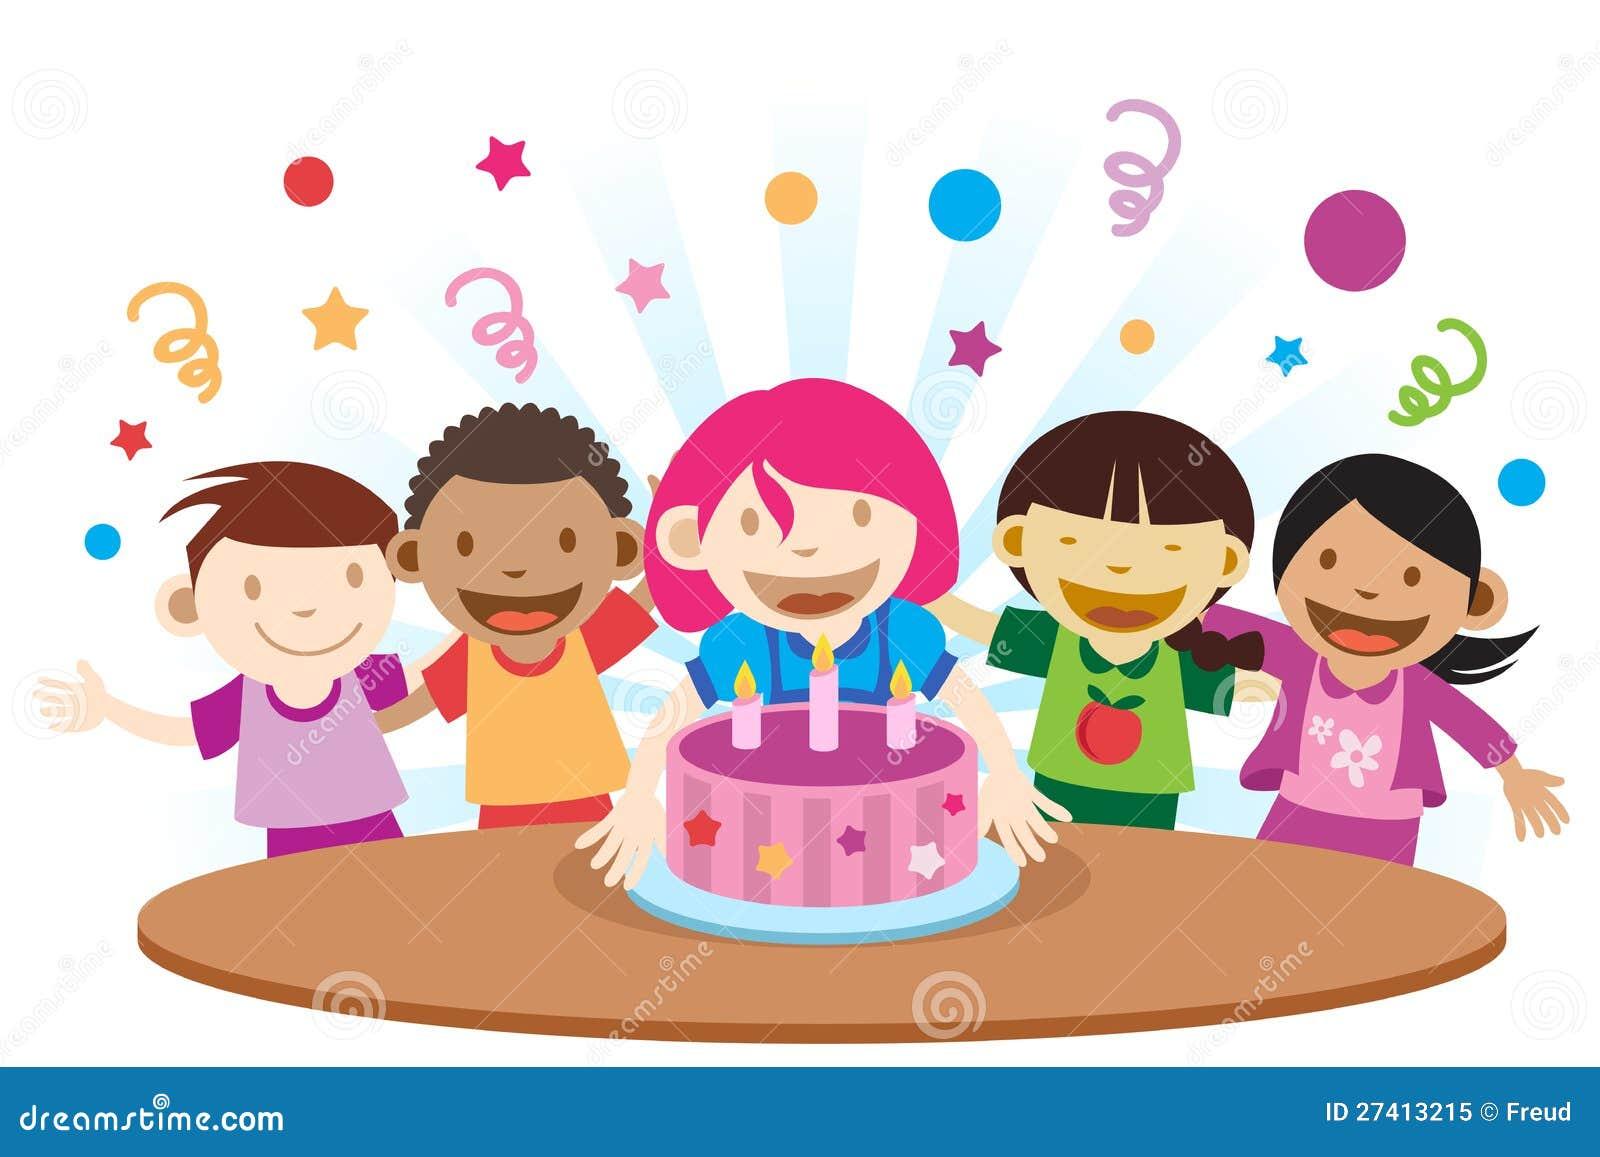 Fiesta de cumplea os imagen de archivo imagen de - Imagenes de fiestas de cumpleanos ...